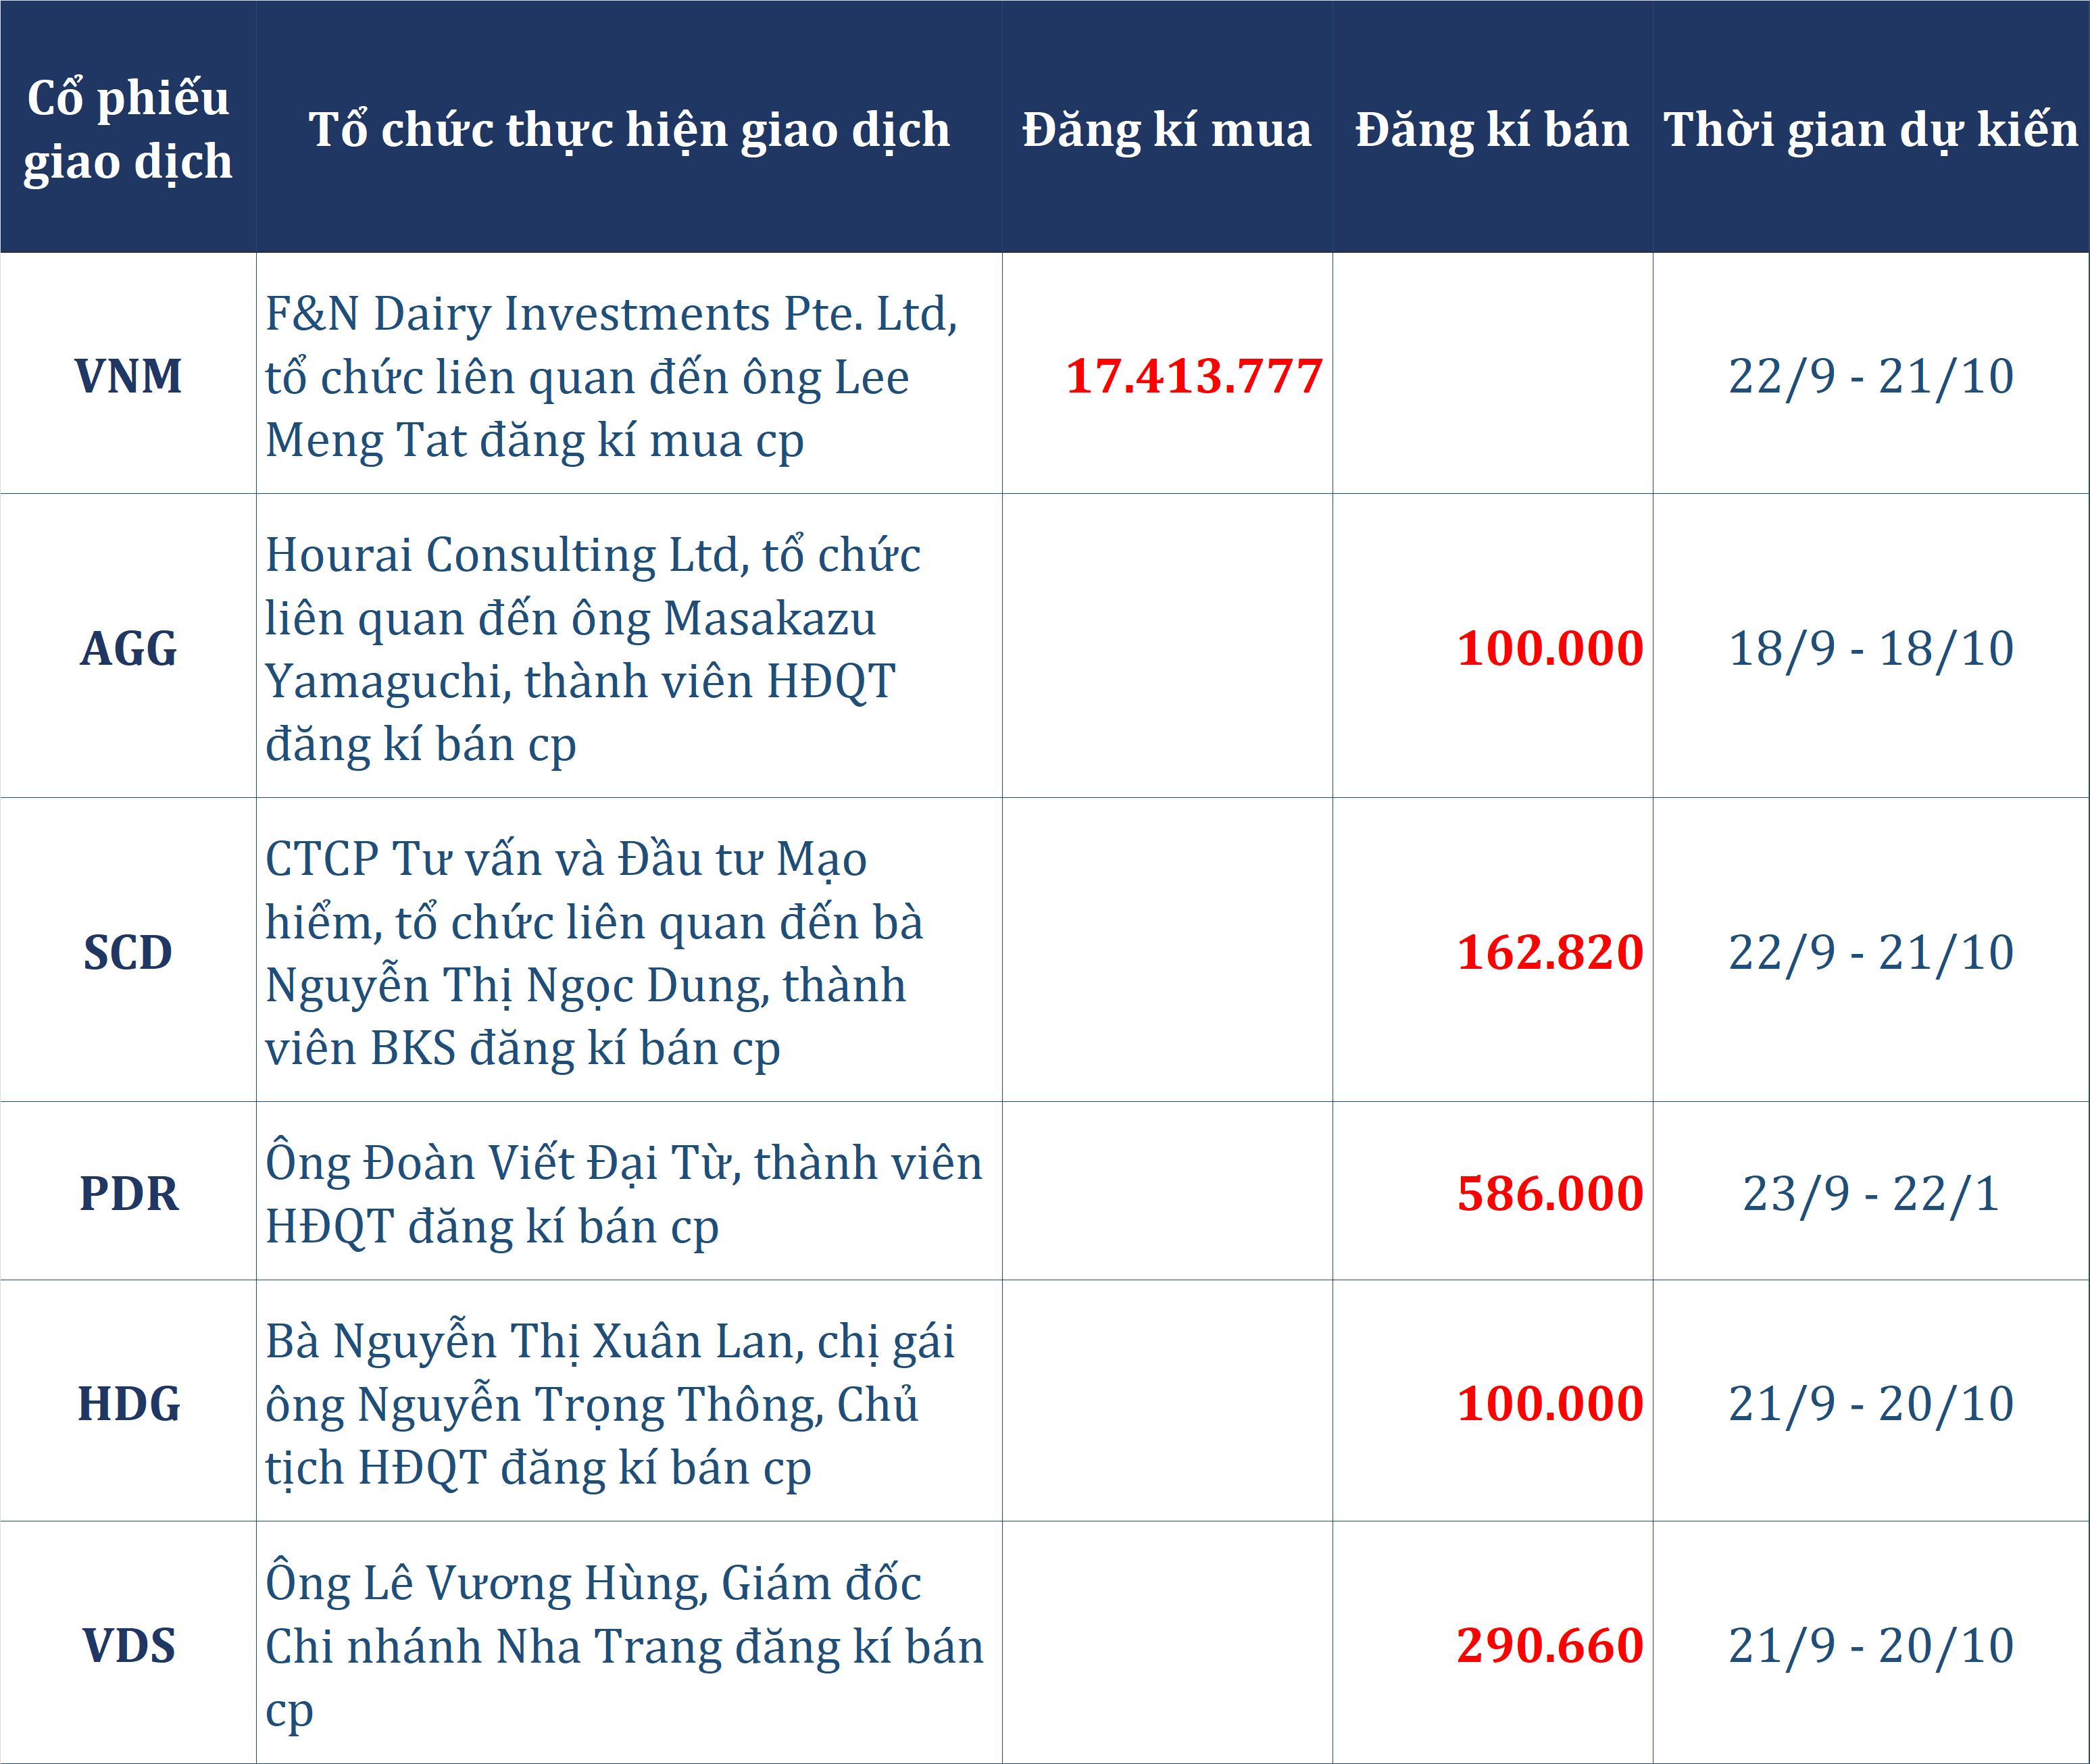 Dòng tiền thông minh 18/9: Tự doanh tăng mạnh bán ròng, cùng khối ngoại rút 700 tỉ đồng phiên giảm điểm - Ảnh 2.